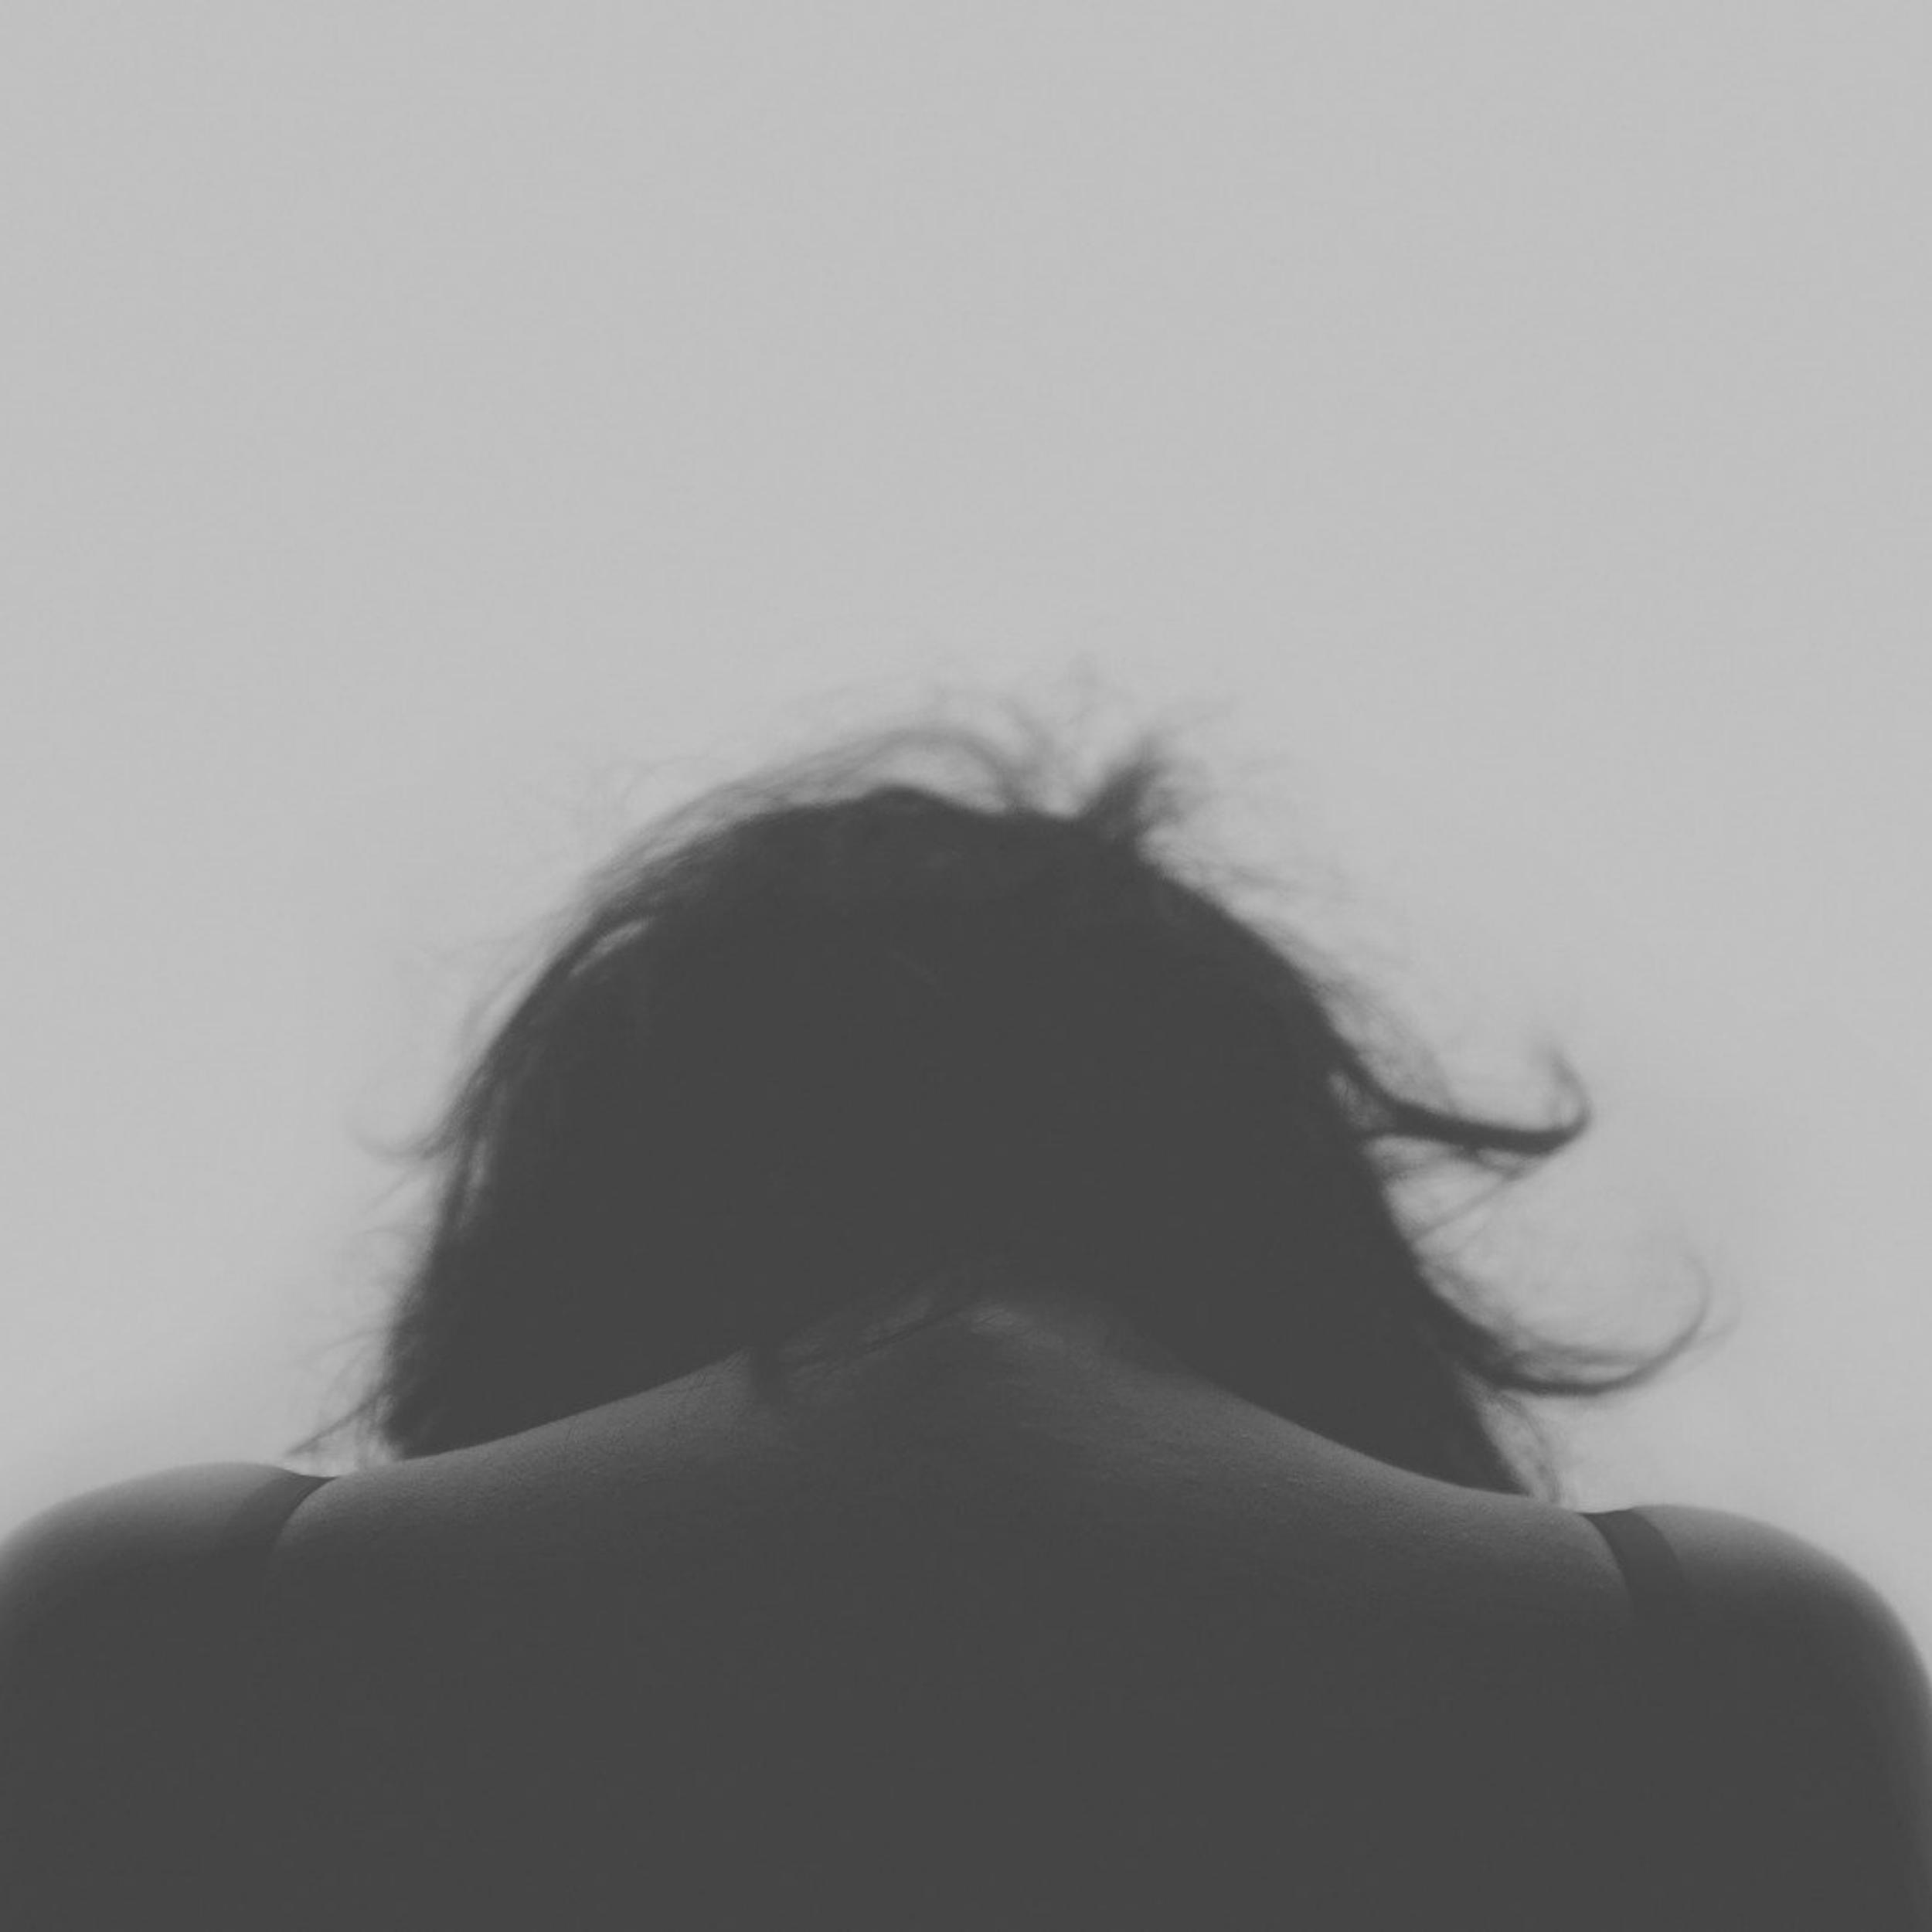 graues Bild mit niedergeschlagener Person